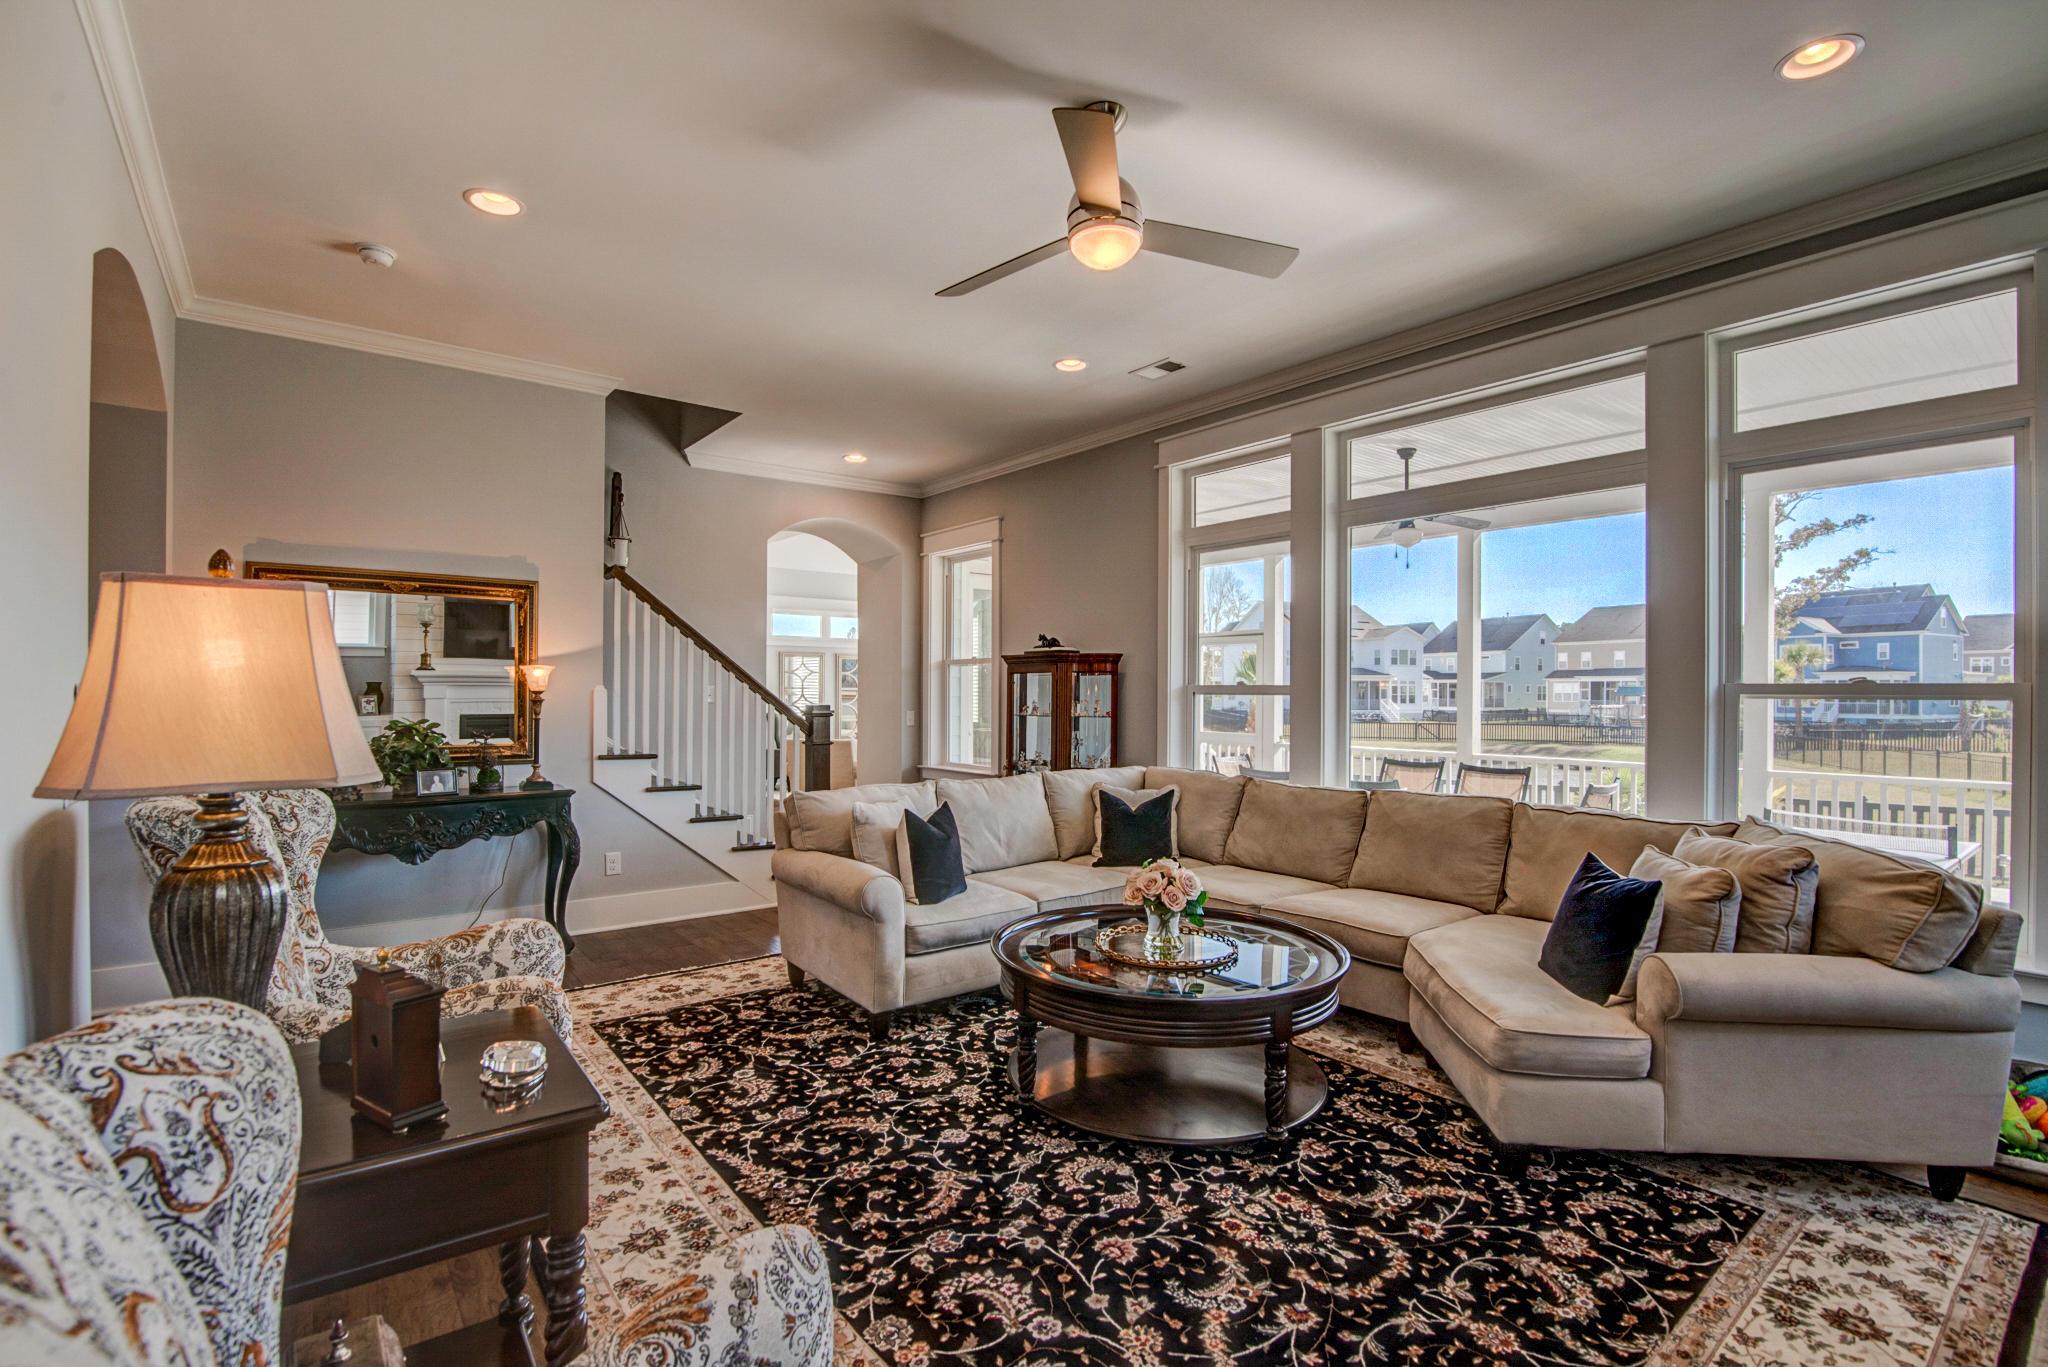 Dunes West Homes For Sale - 2883 River Vista, Mount Pleasant, SC - 53